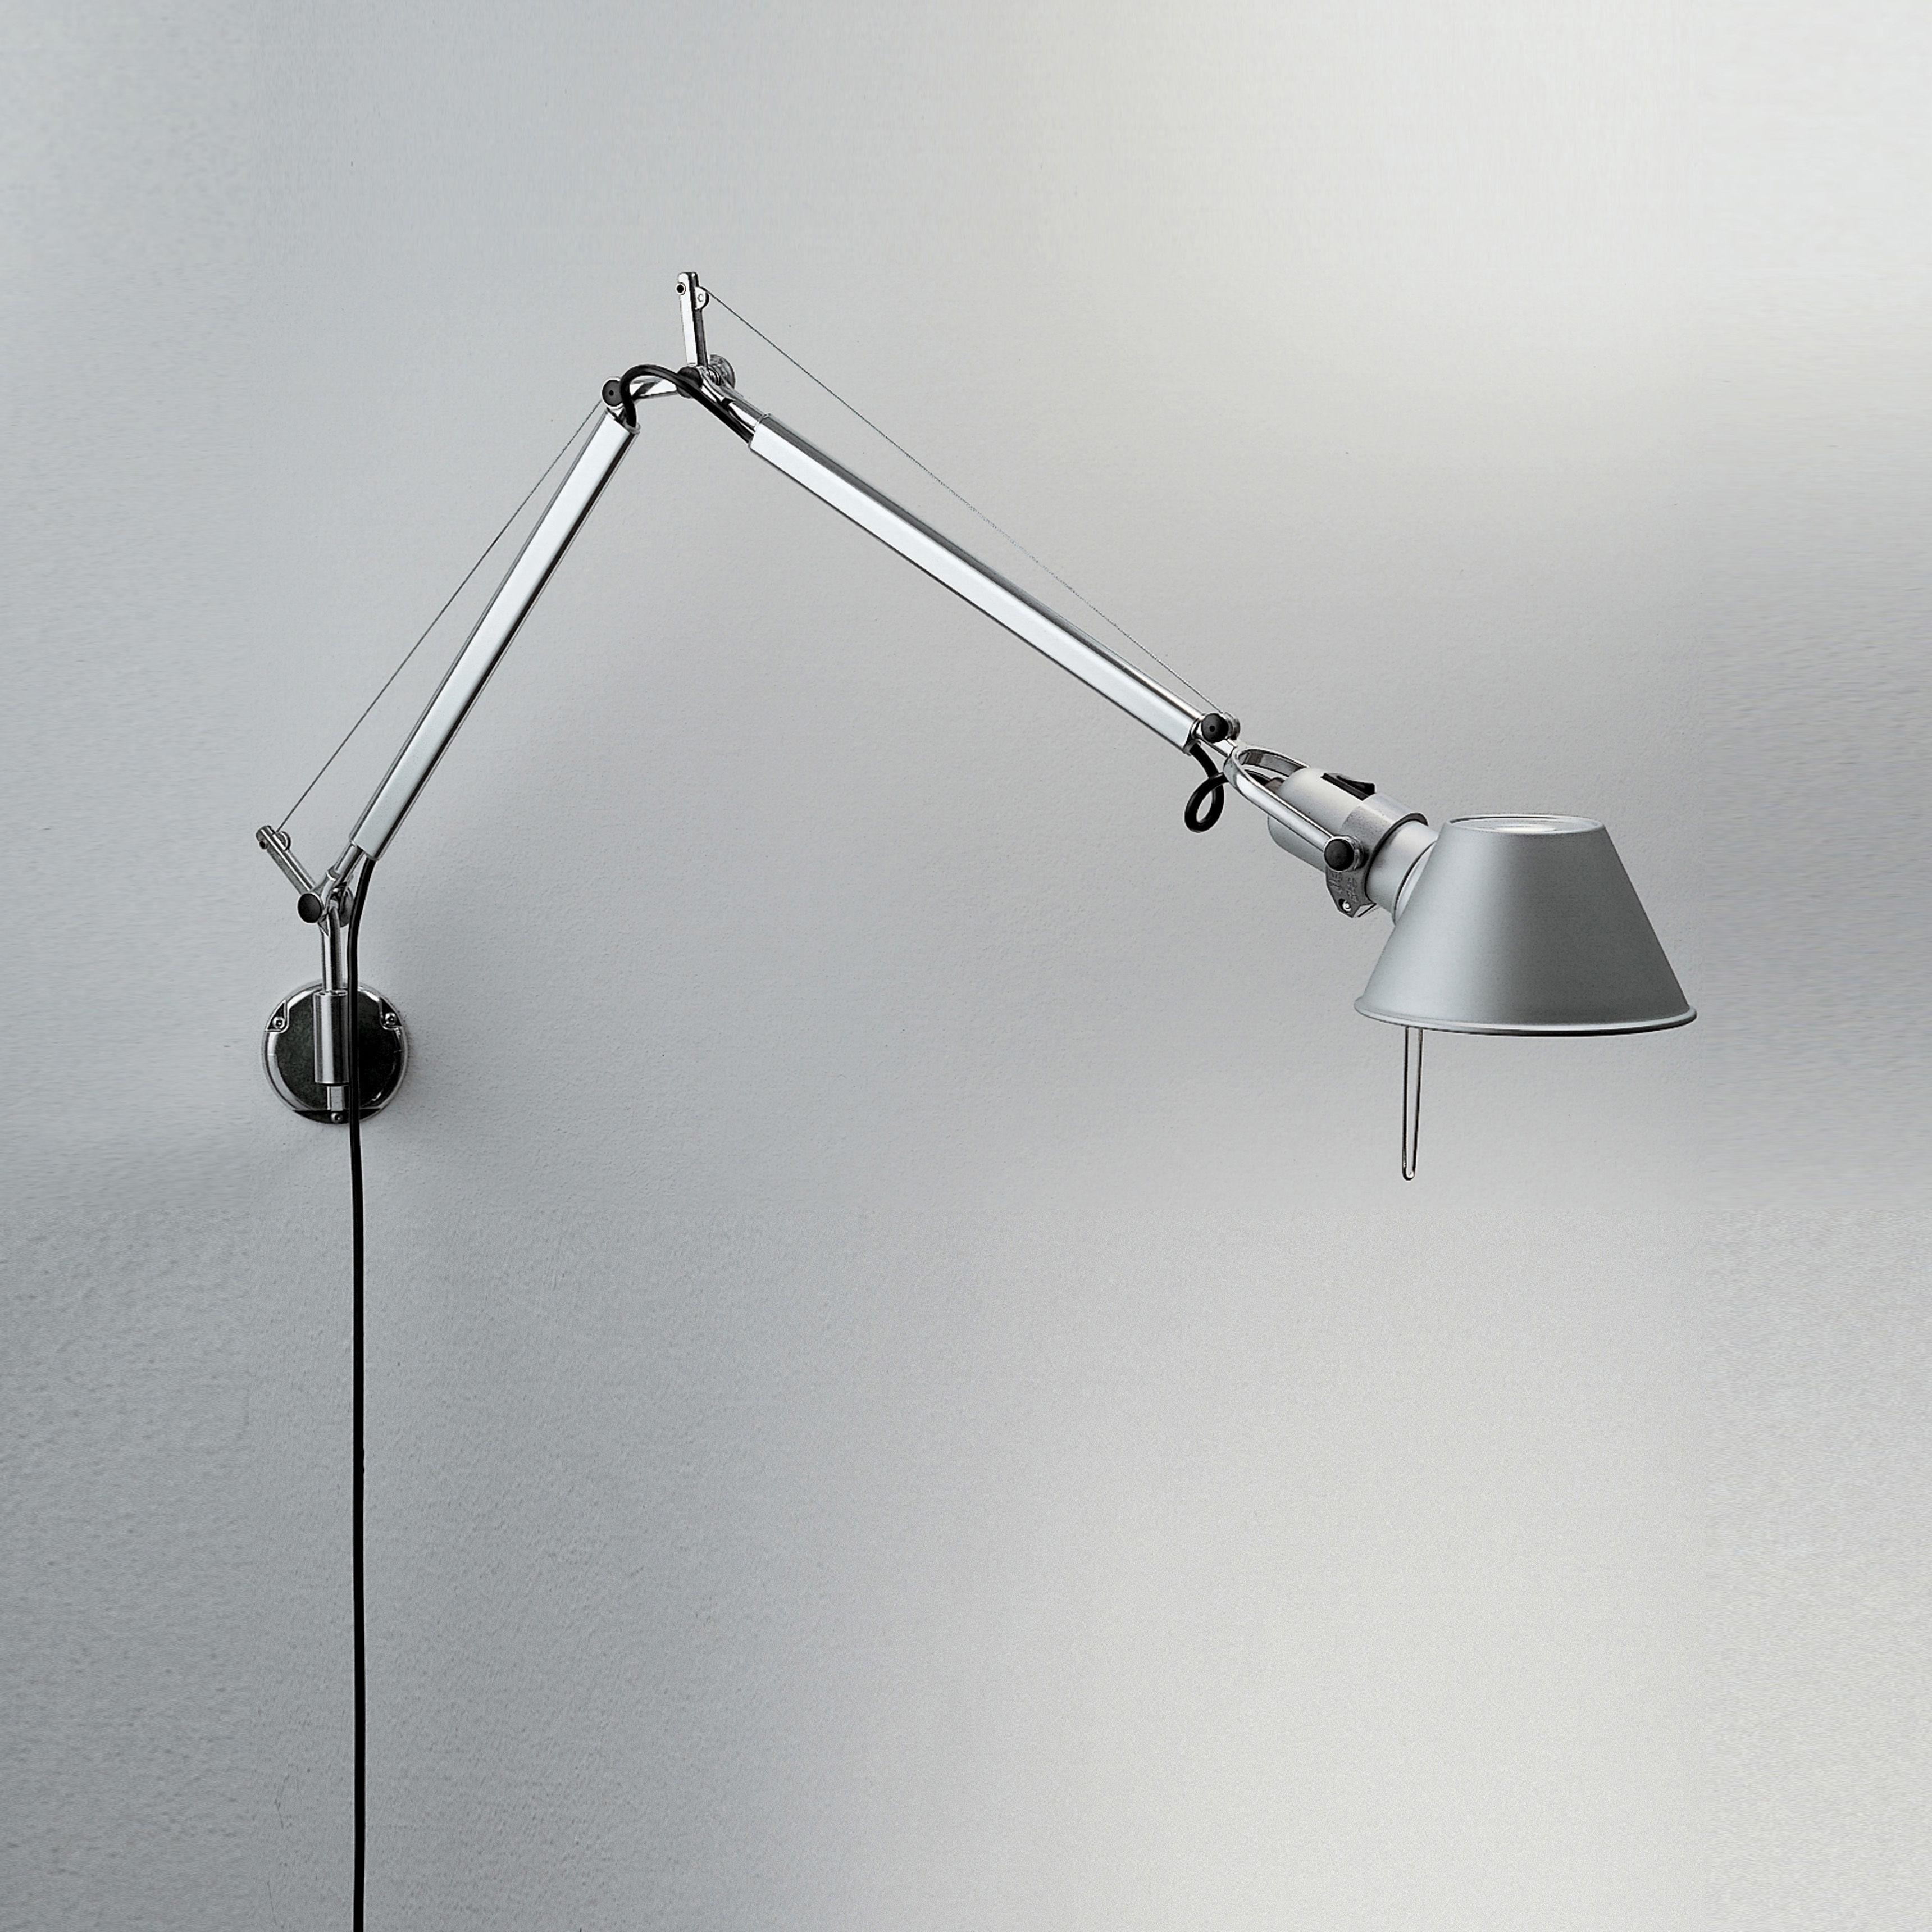 Illuminazione - Lampade da parete - Applique Tolomeo micro Wall LED - LED - Braccio snodato di Artemide - LED - Alluminio - Alluminio